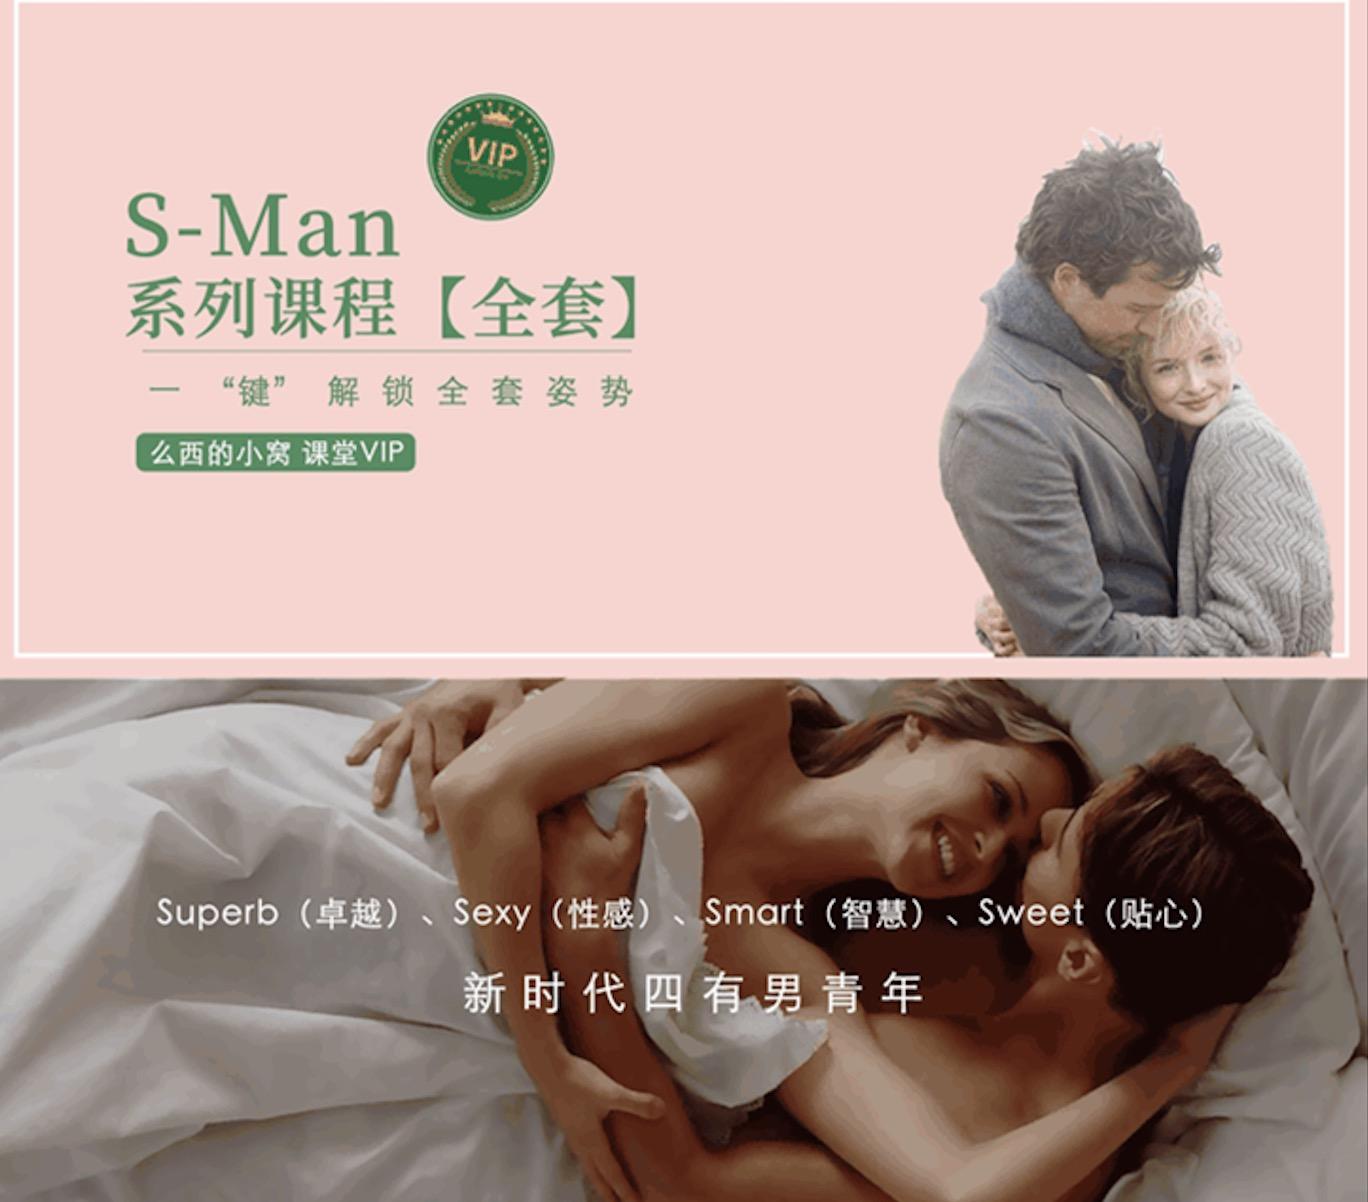 吴么西亲授 S-man 会员全套 涵盖延时、高嘲、耐受性等课程 百度网盘